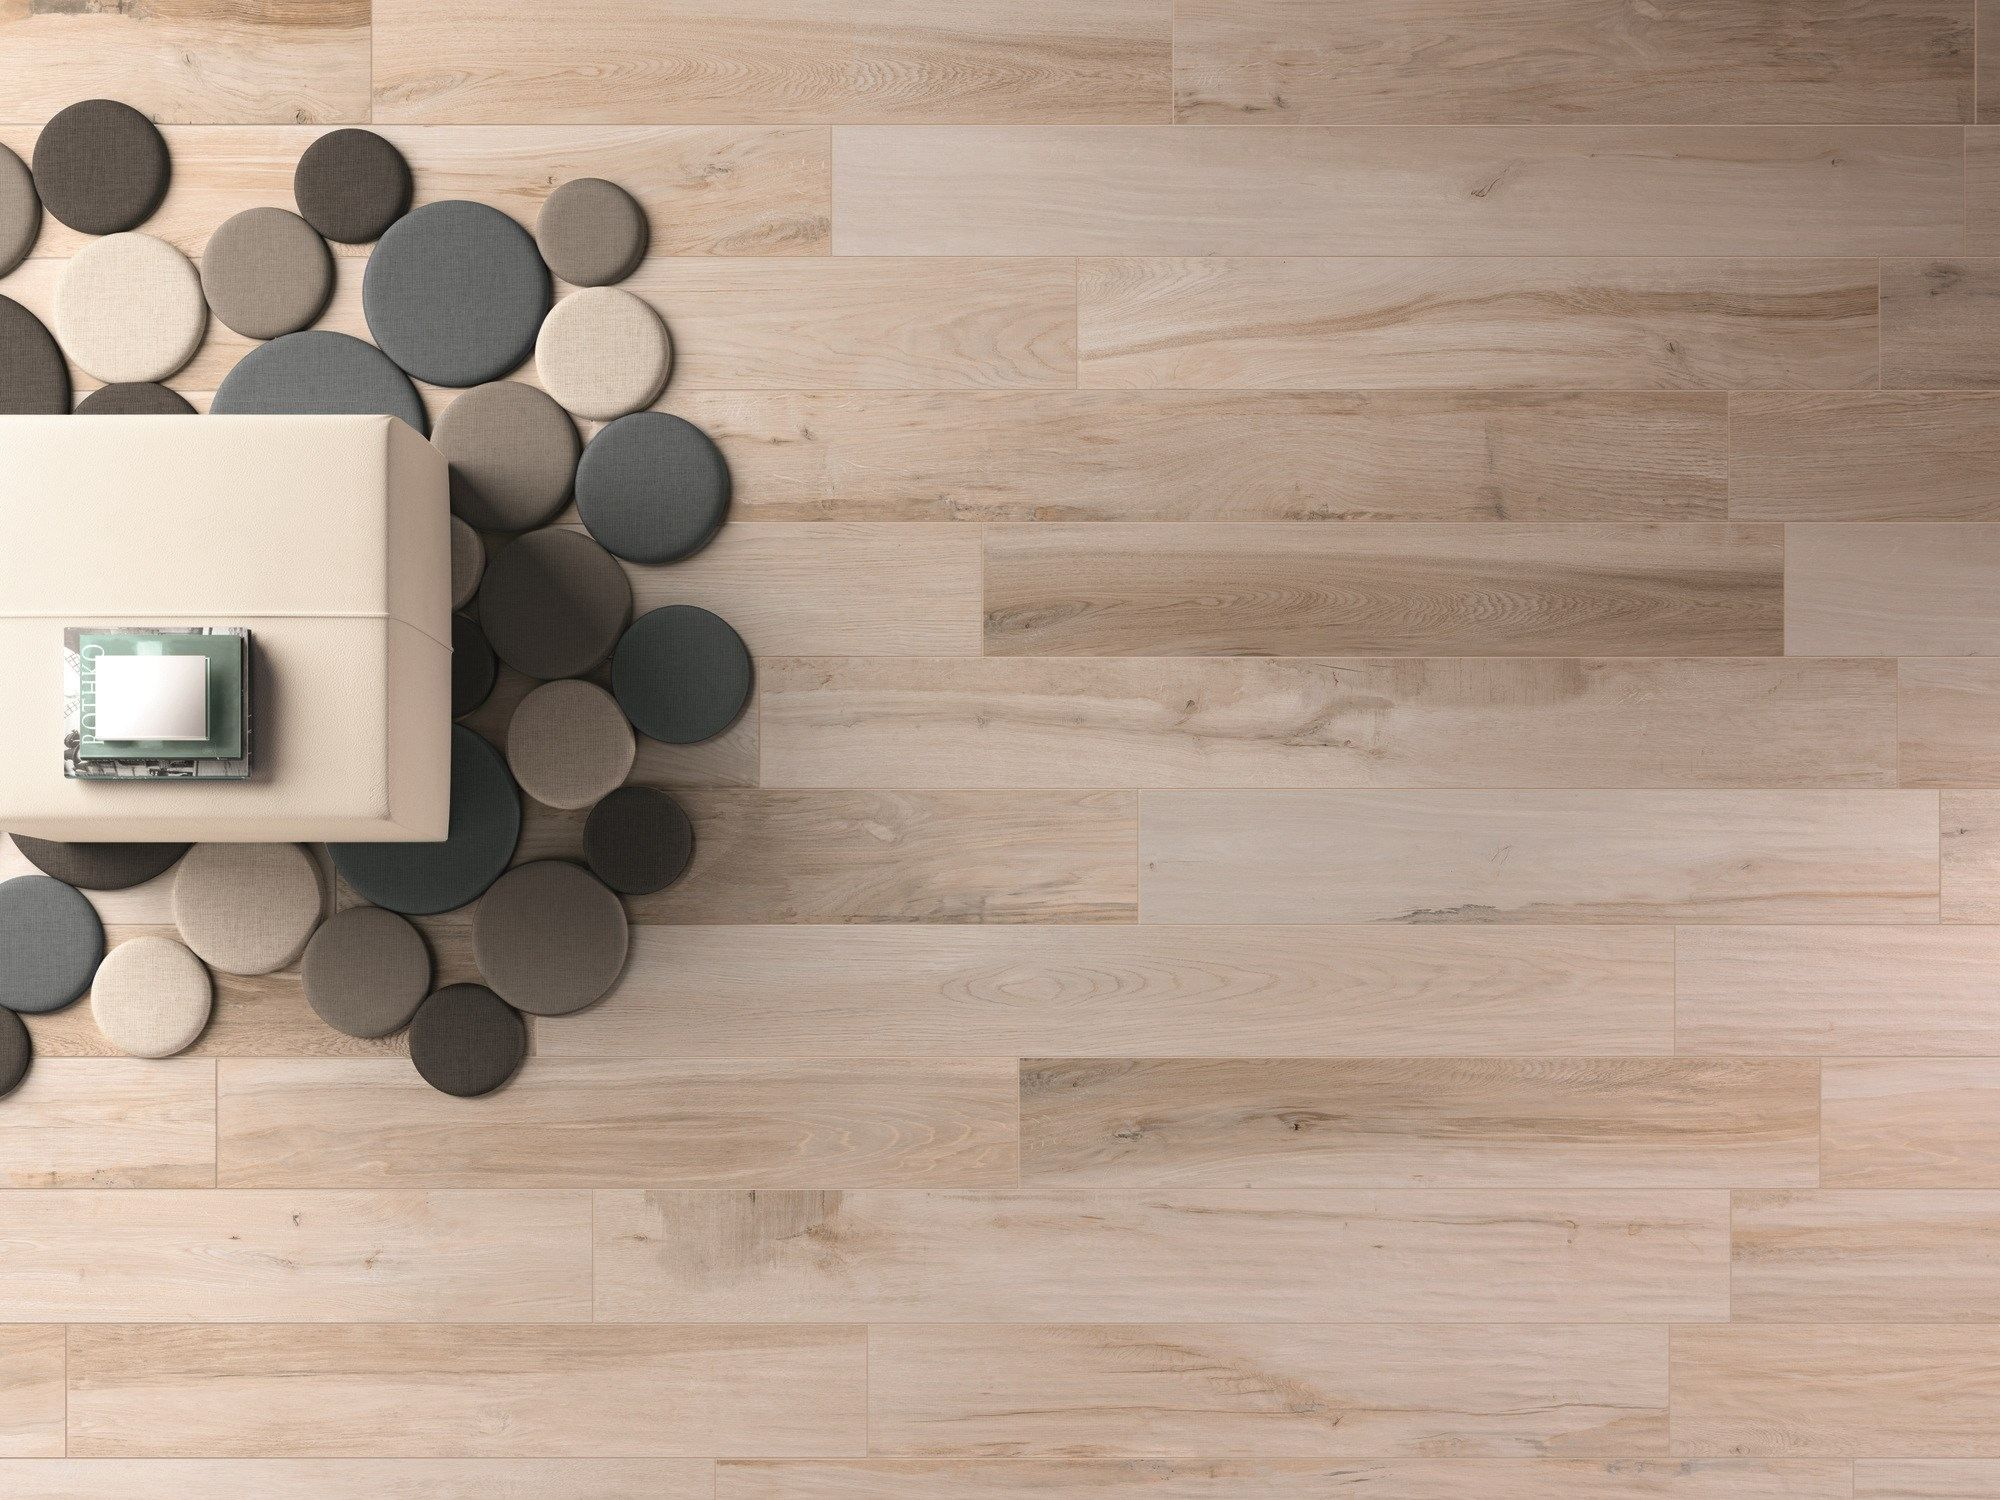 Revetement De Sol Mur En Gres Cerame Soleras By Abk Industrie Ceramiche Tiles